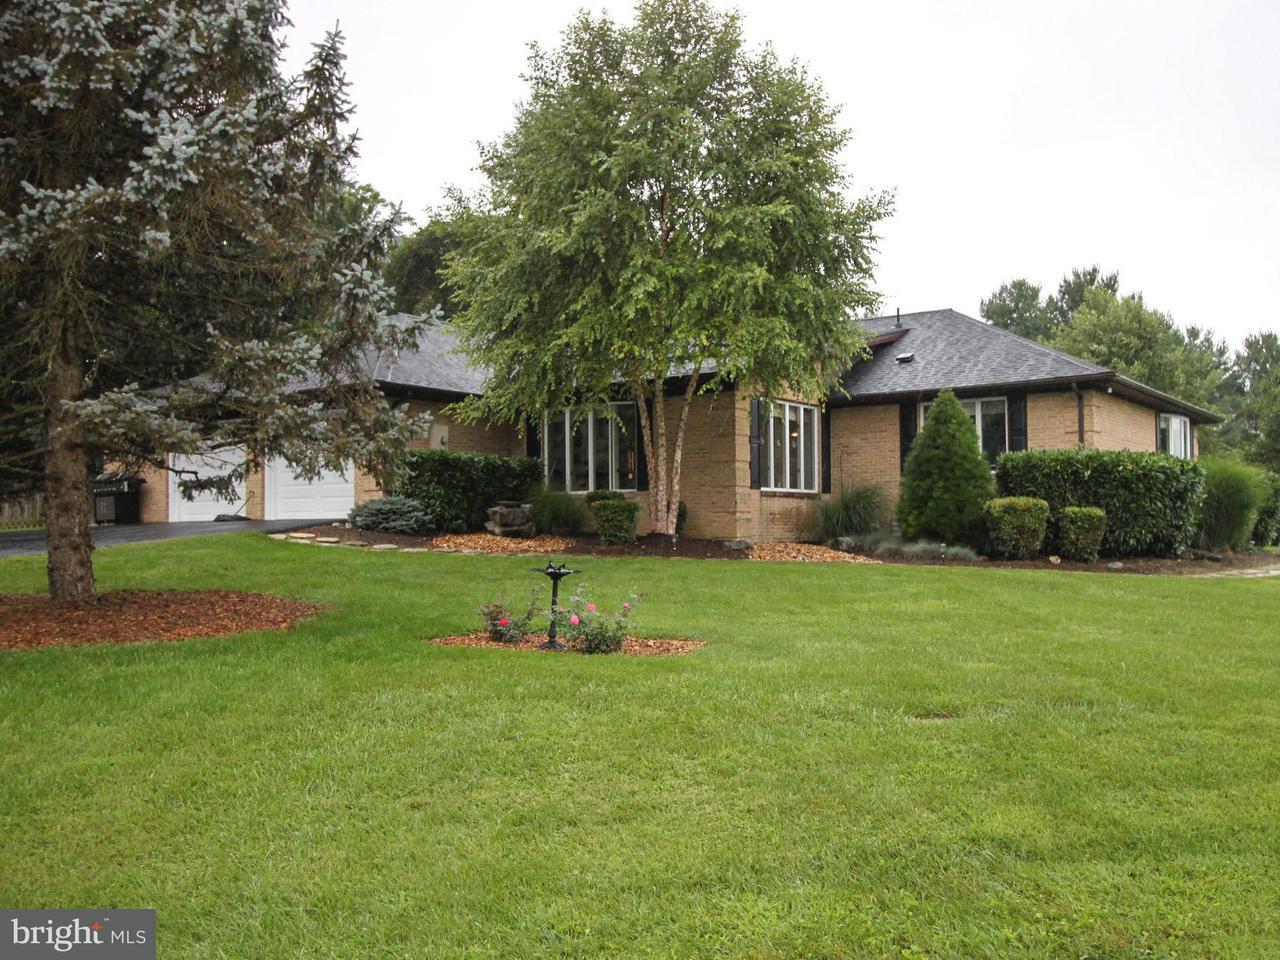 独户住宅 为 销售 在 64 Uvilla Ests Drive 64 Uvilla Ests Drive Shenandoah Junction, 西弗吉尼亚州 25442 美国